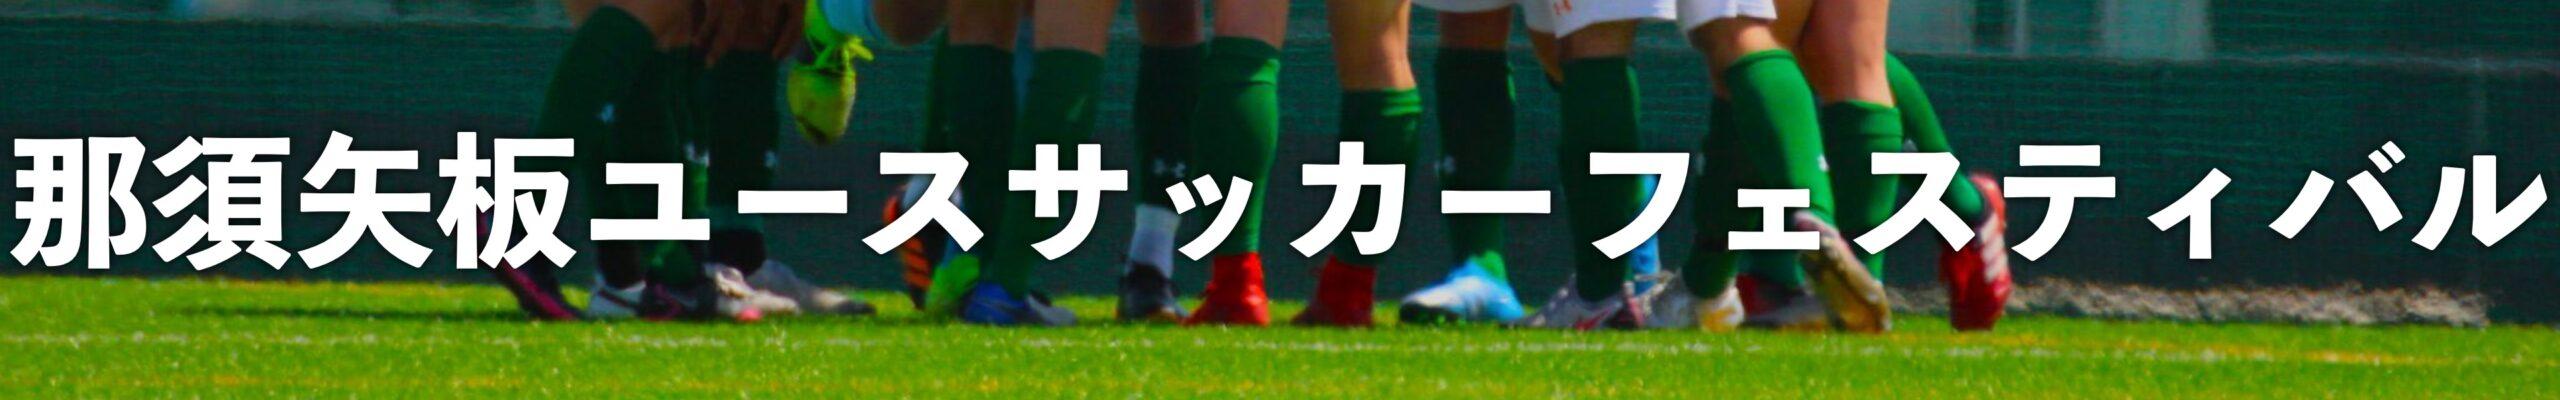 那須・矢板ユースサッカーフェスティバル